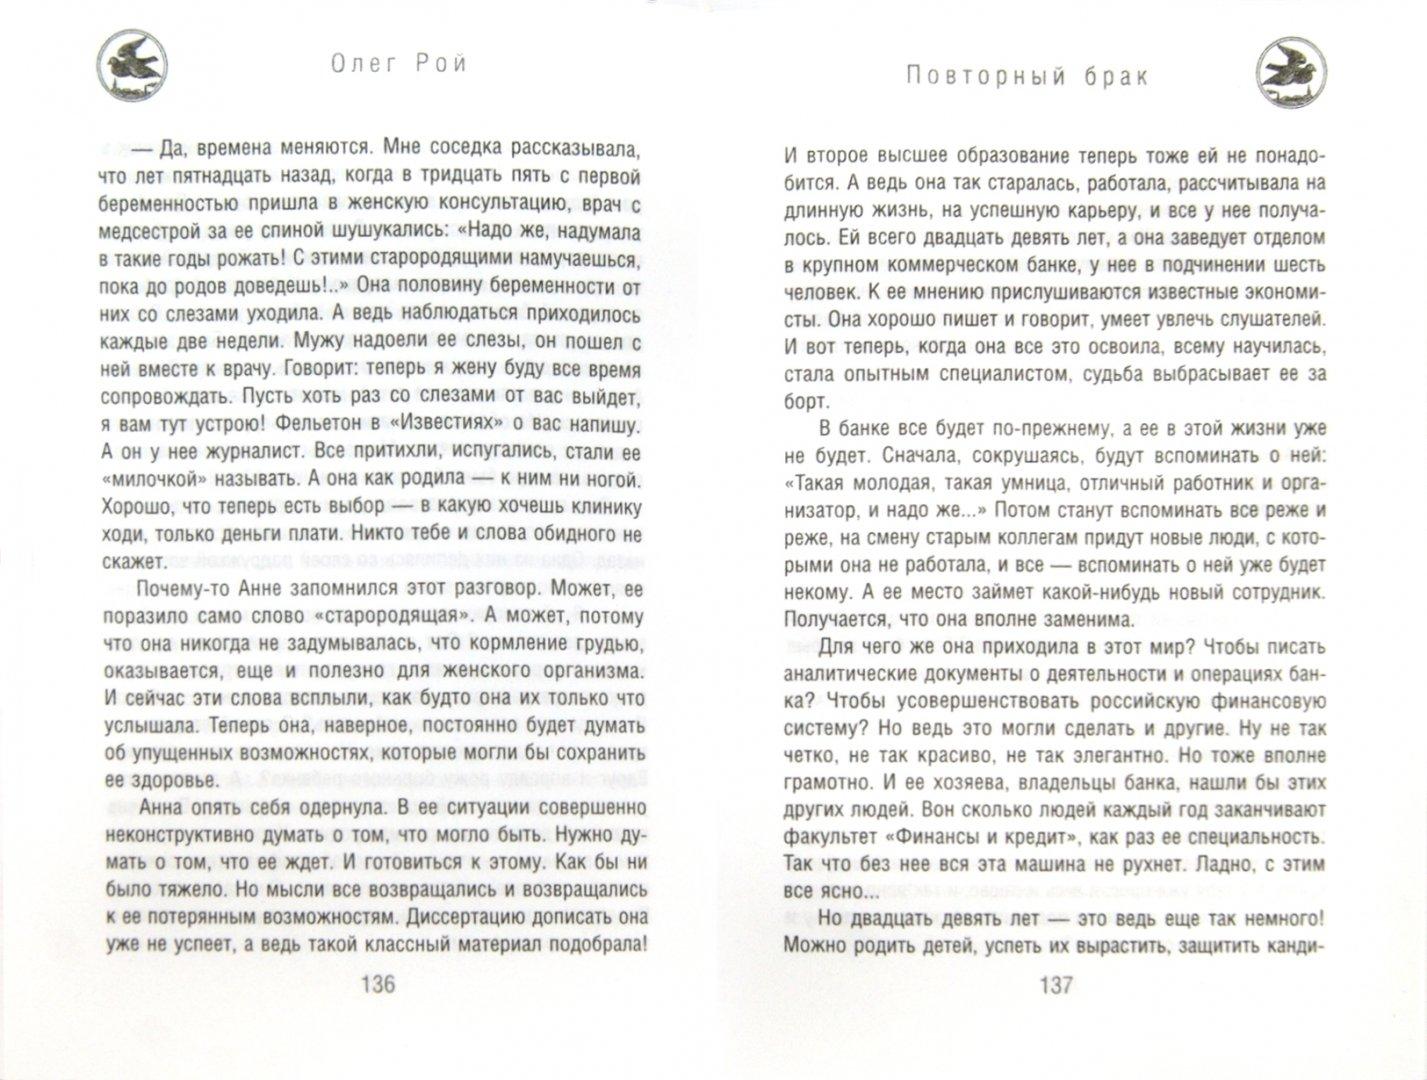 Иллюстрация 1 из 7 для Повторный брак - Олег Рой | Лабиринт - книги. Источник: Лабиринт